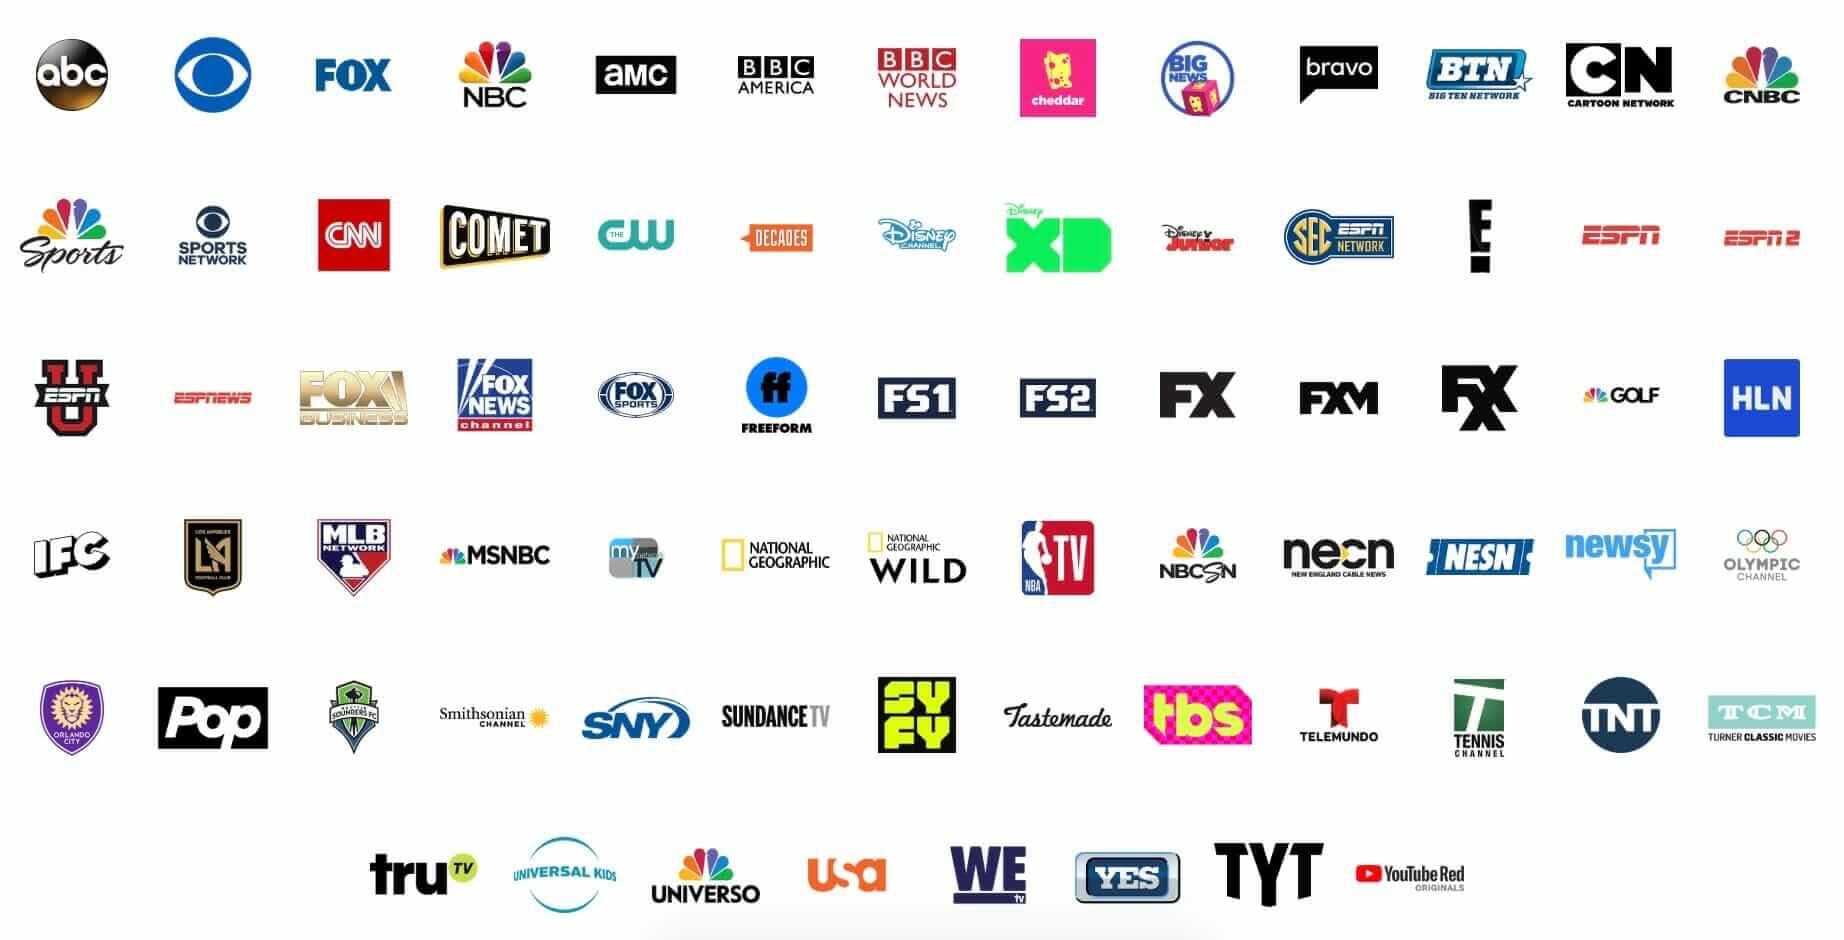 stream watch nba games youtube tv channels Nets Raptors